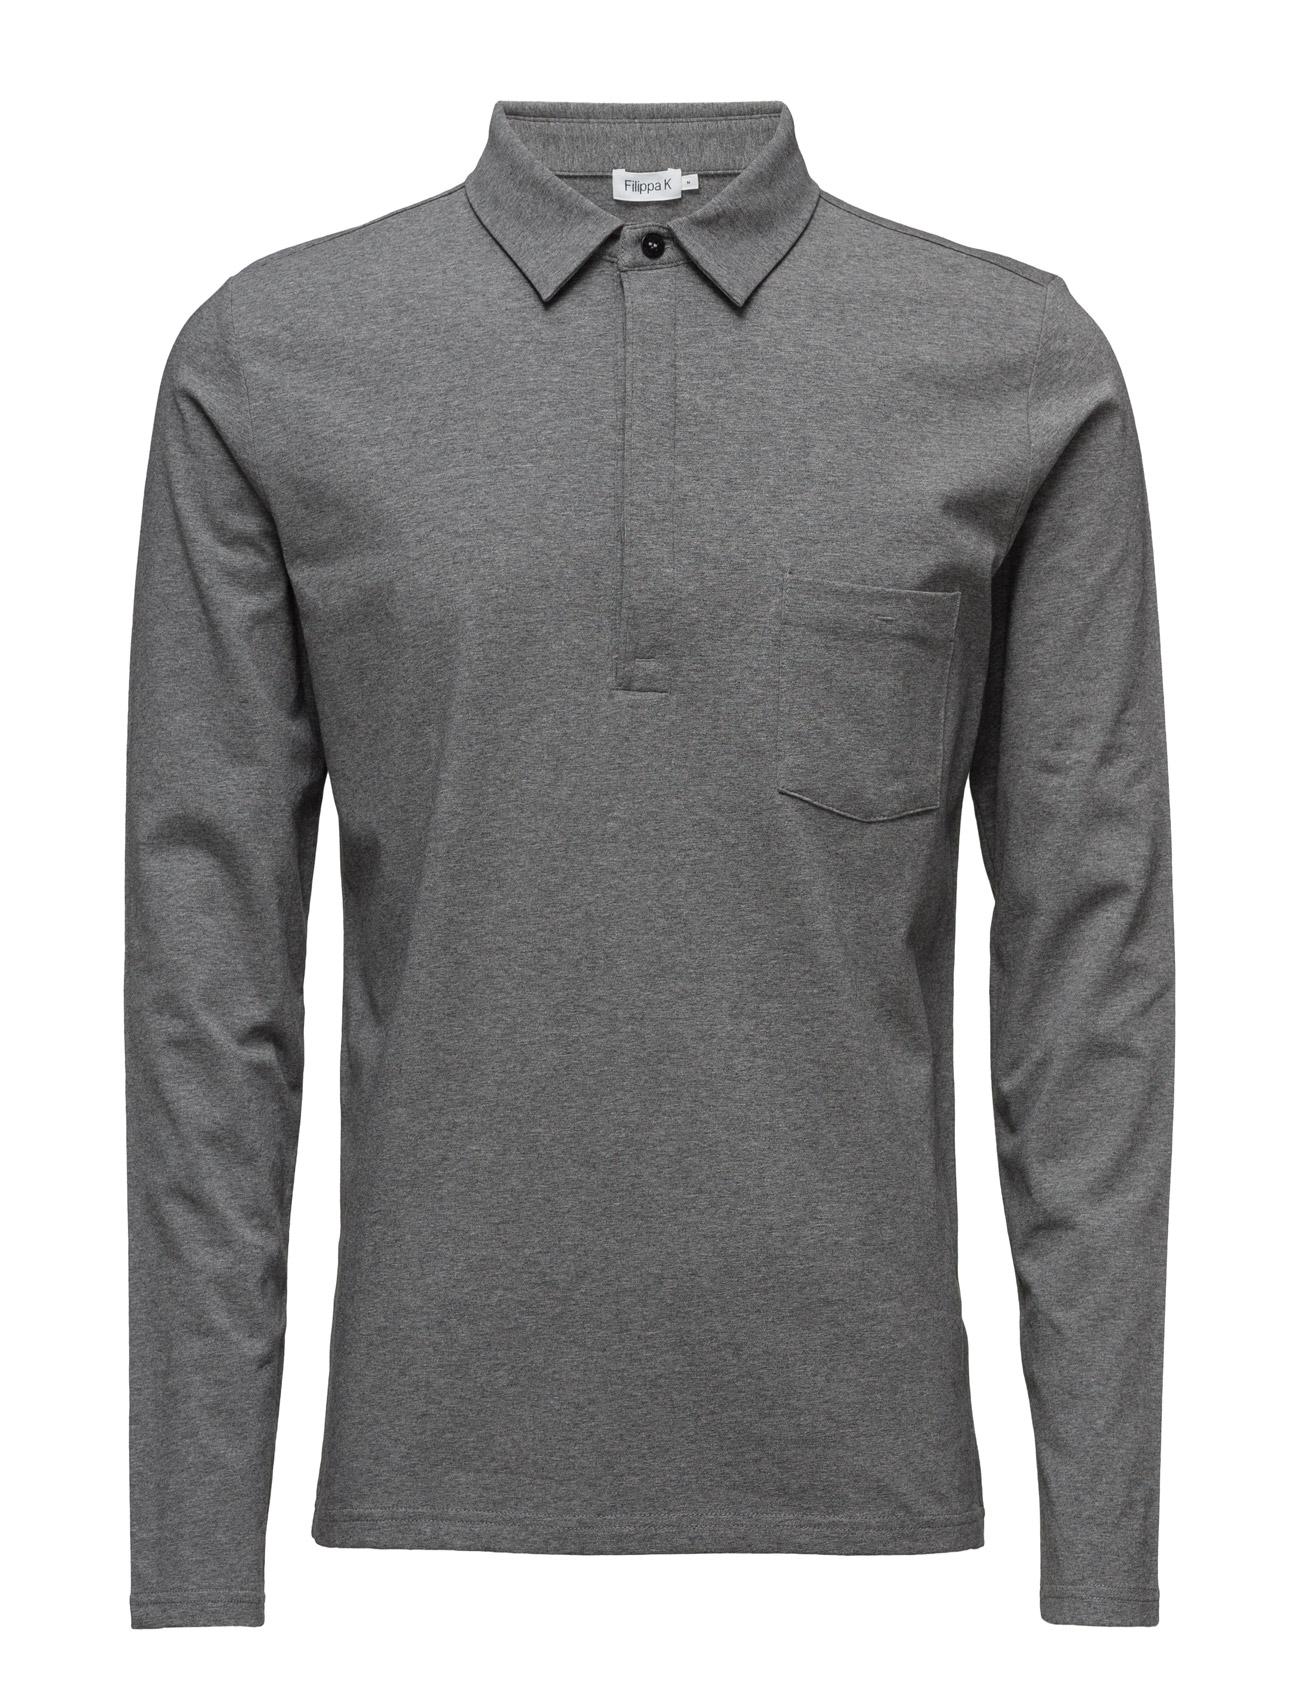 M. Soft Lycra Poloshirt Filippa K Længærmede polo t-shirts til Herrer i Grey Mel.